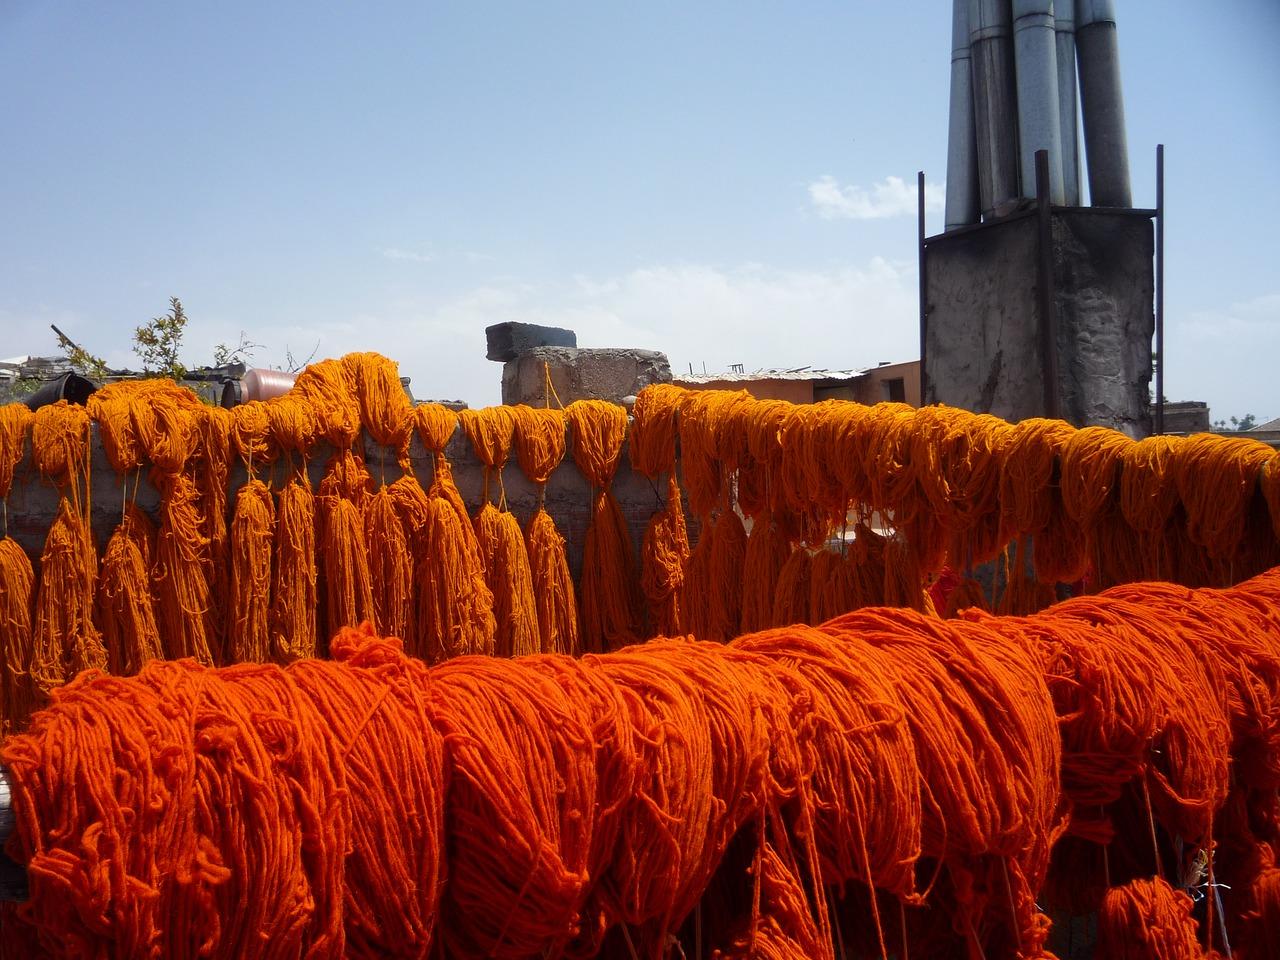 Frisch gefärbte Wolle trocknet in Marokko